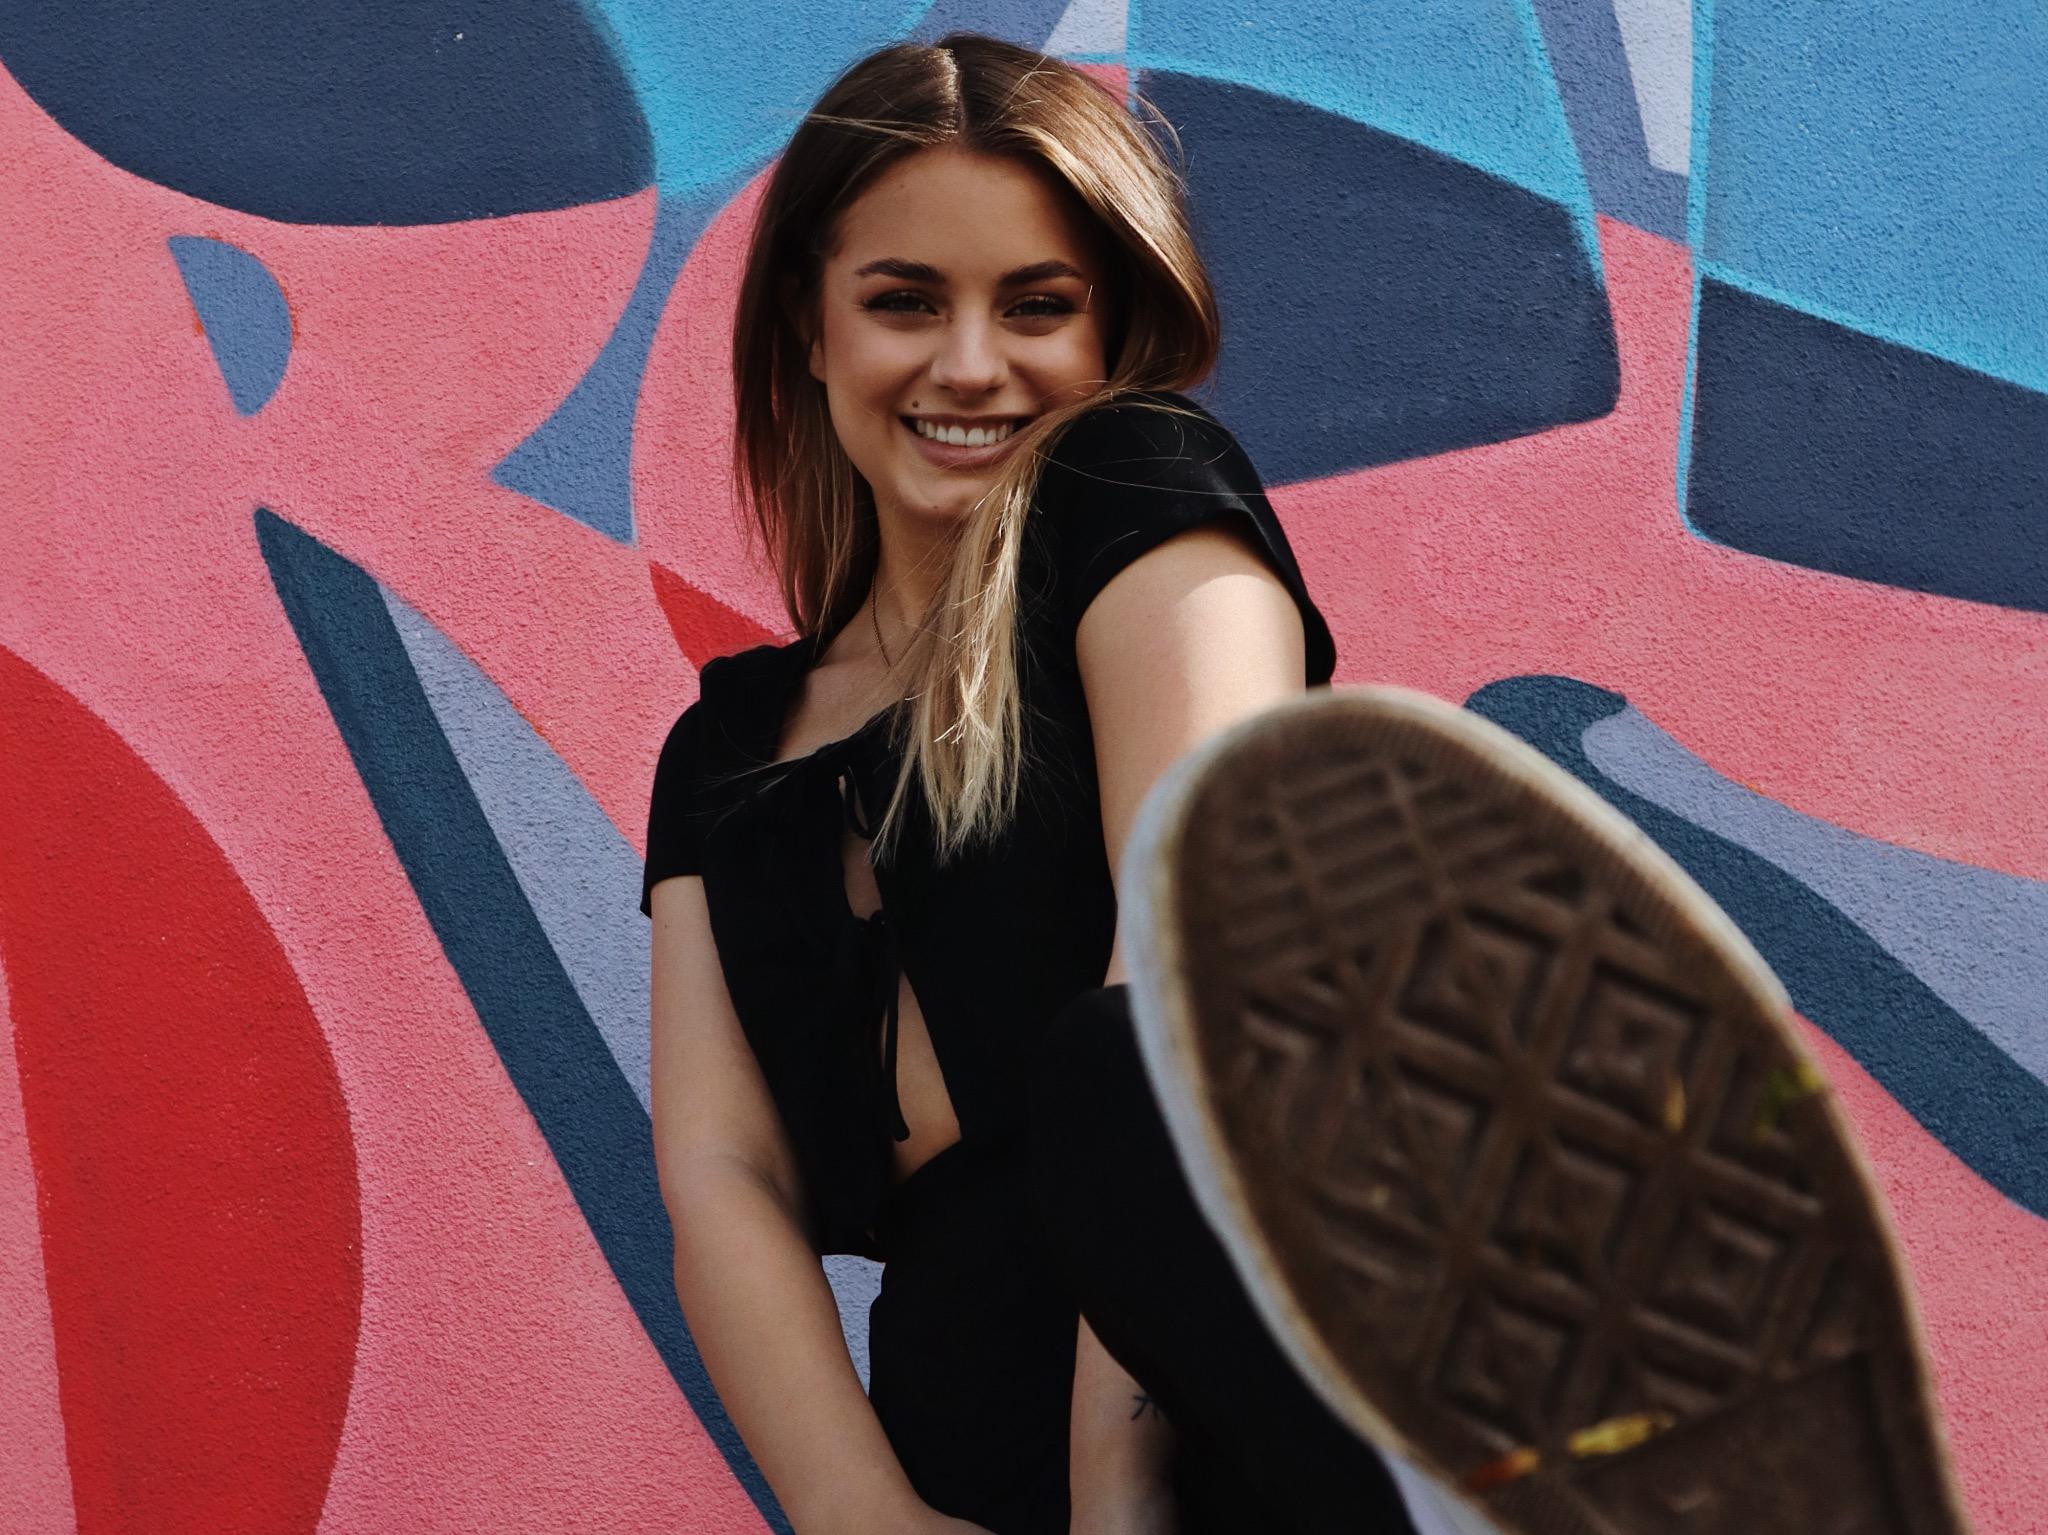 Sophie Breuer ist Kandidatin bei Miss Germany. Foto: Sophie Breuer